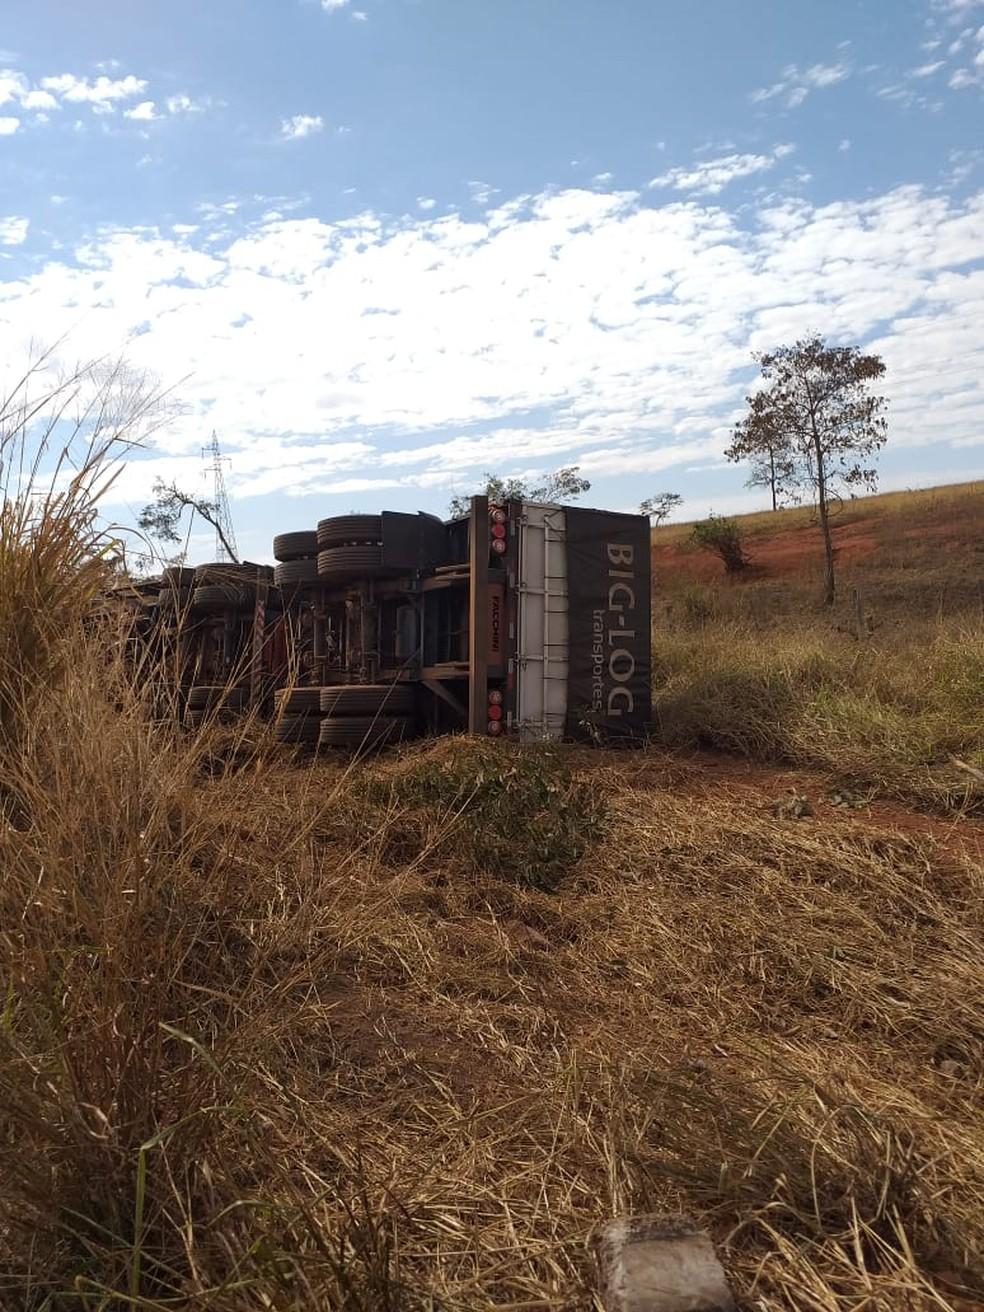 Carreta tombou após bater de frente com carro, em rodovia de MS. Foto: Site Destakagora